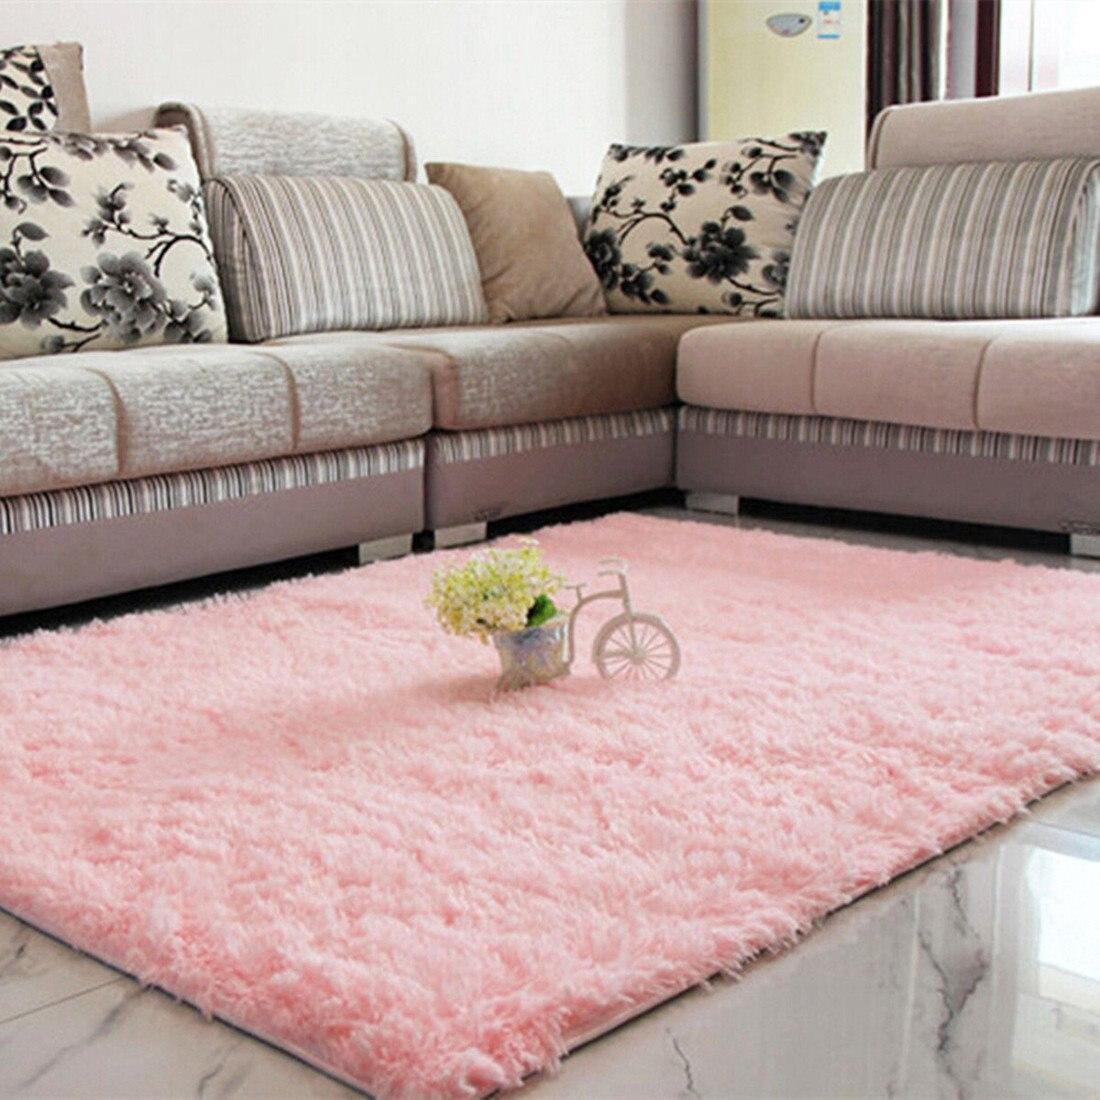 90*160cm Anti Skiding Floor Mat Fluffy Blanket Fashion Mat Bedroom Nonslip  Lounge Cushion